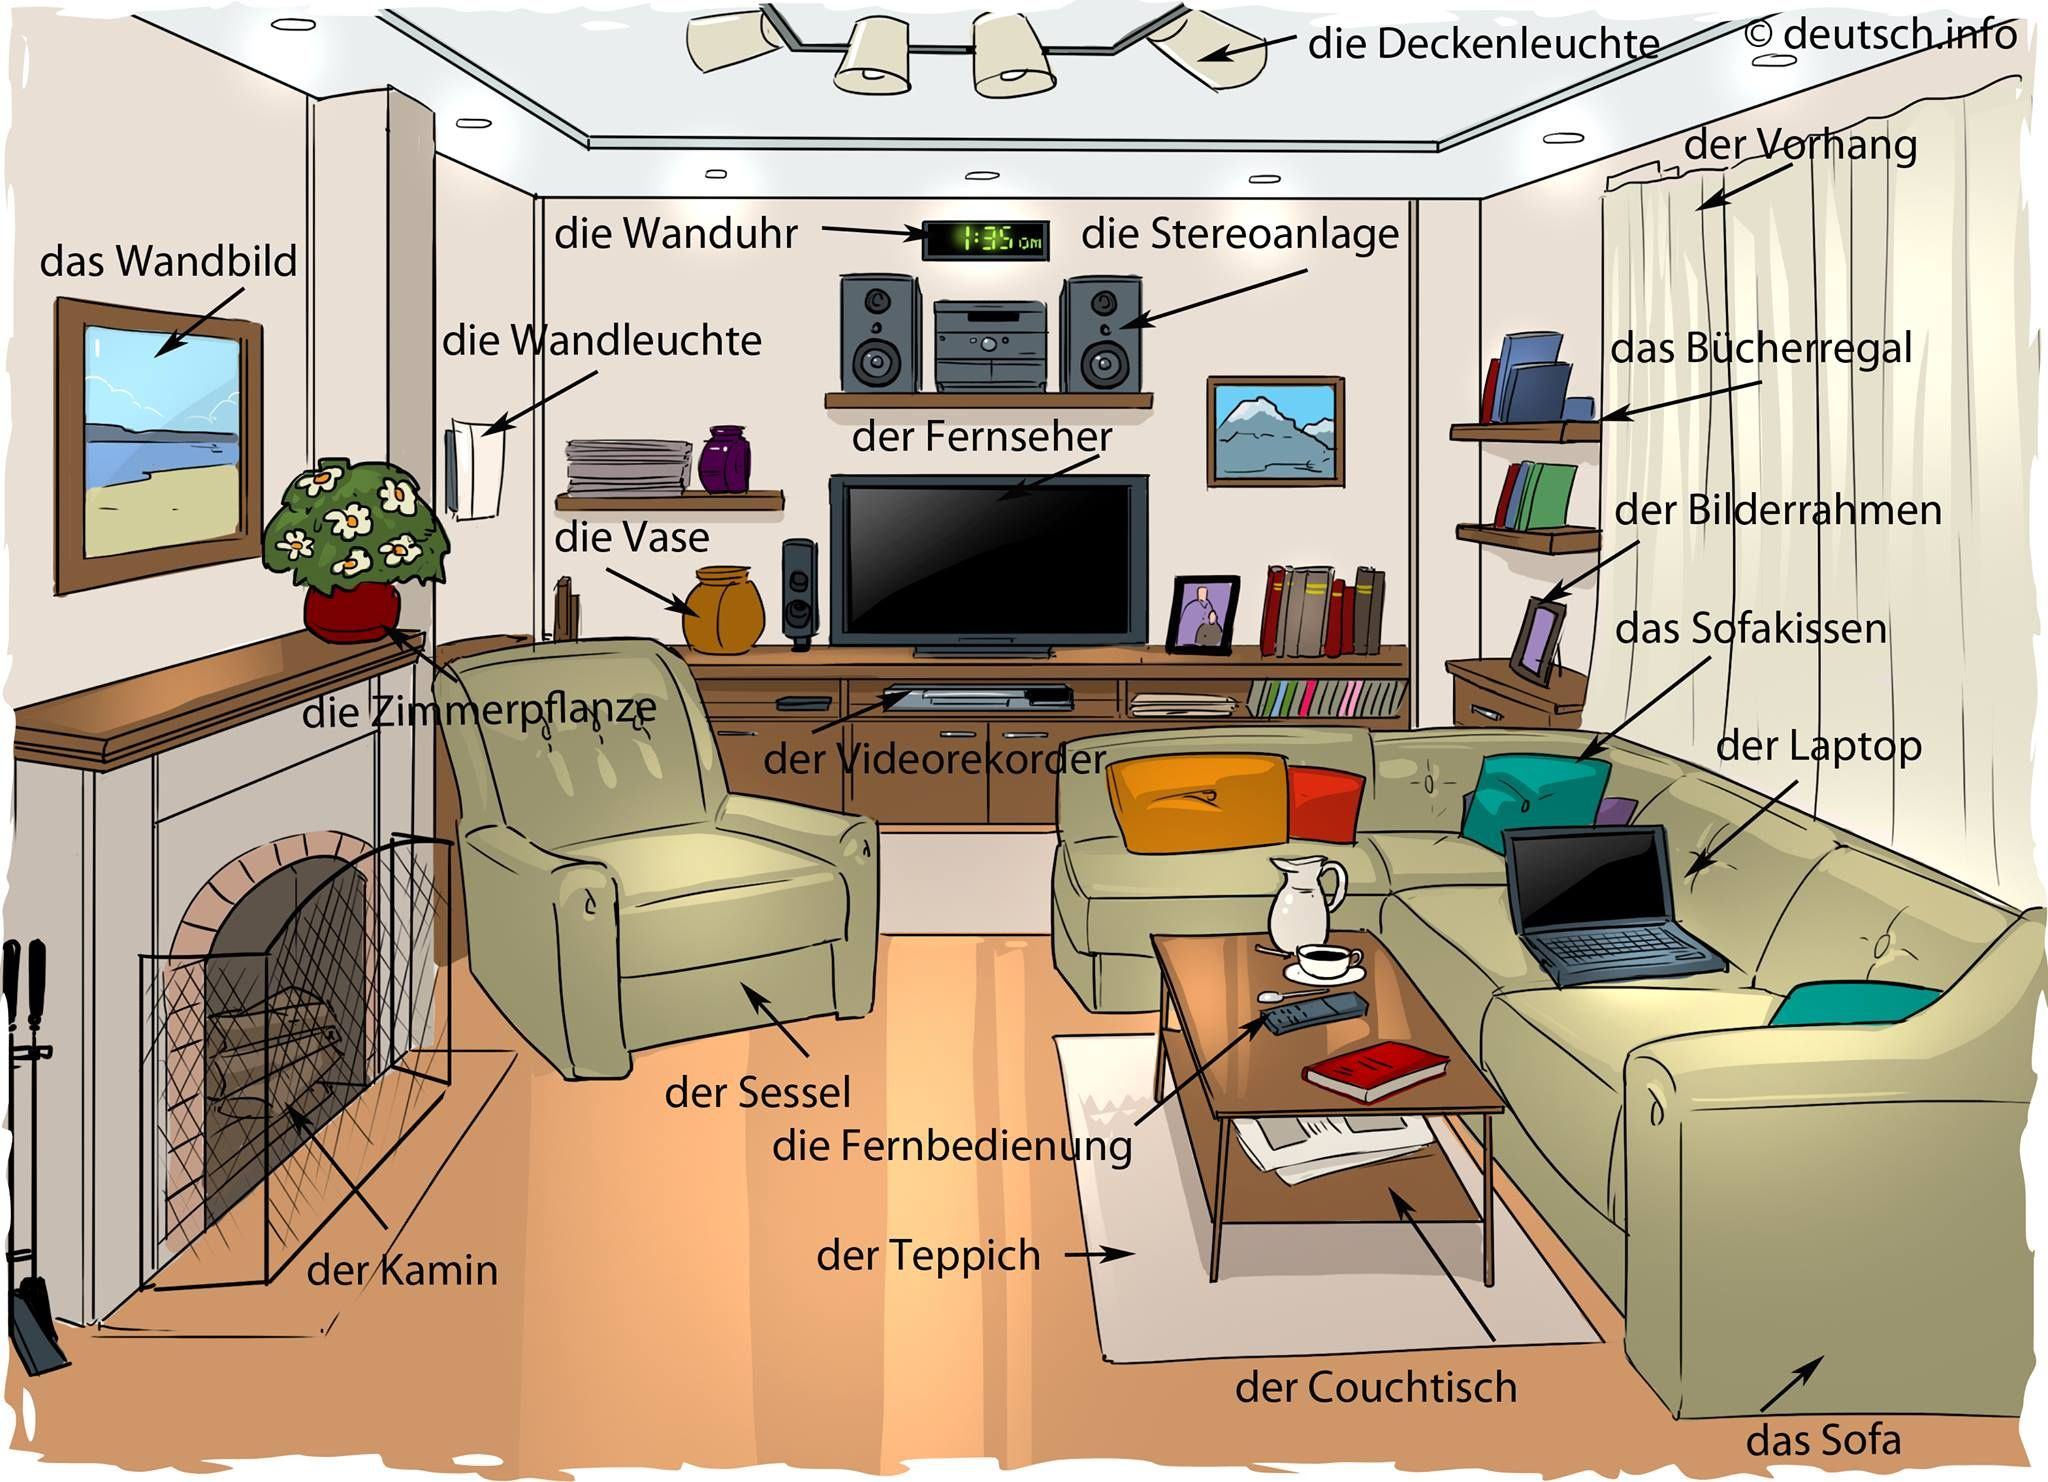 das wohnzimmer deutsch deutsch germany language german language. Black Bedroom Furniture Sets. Home Design Ideas